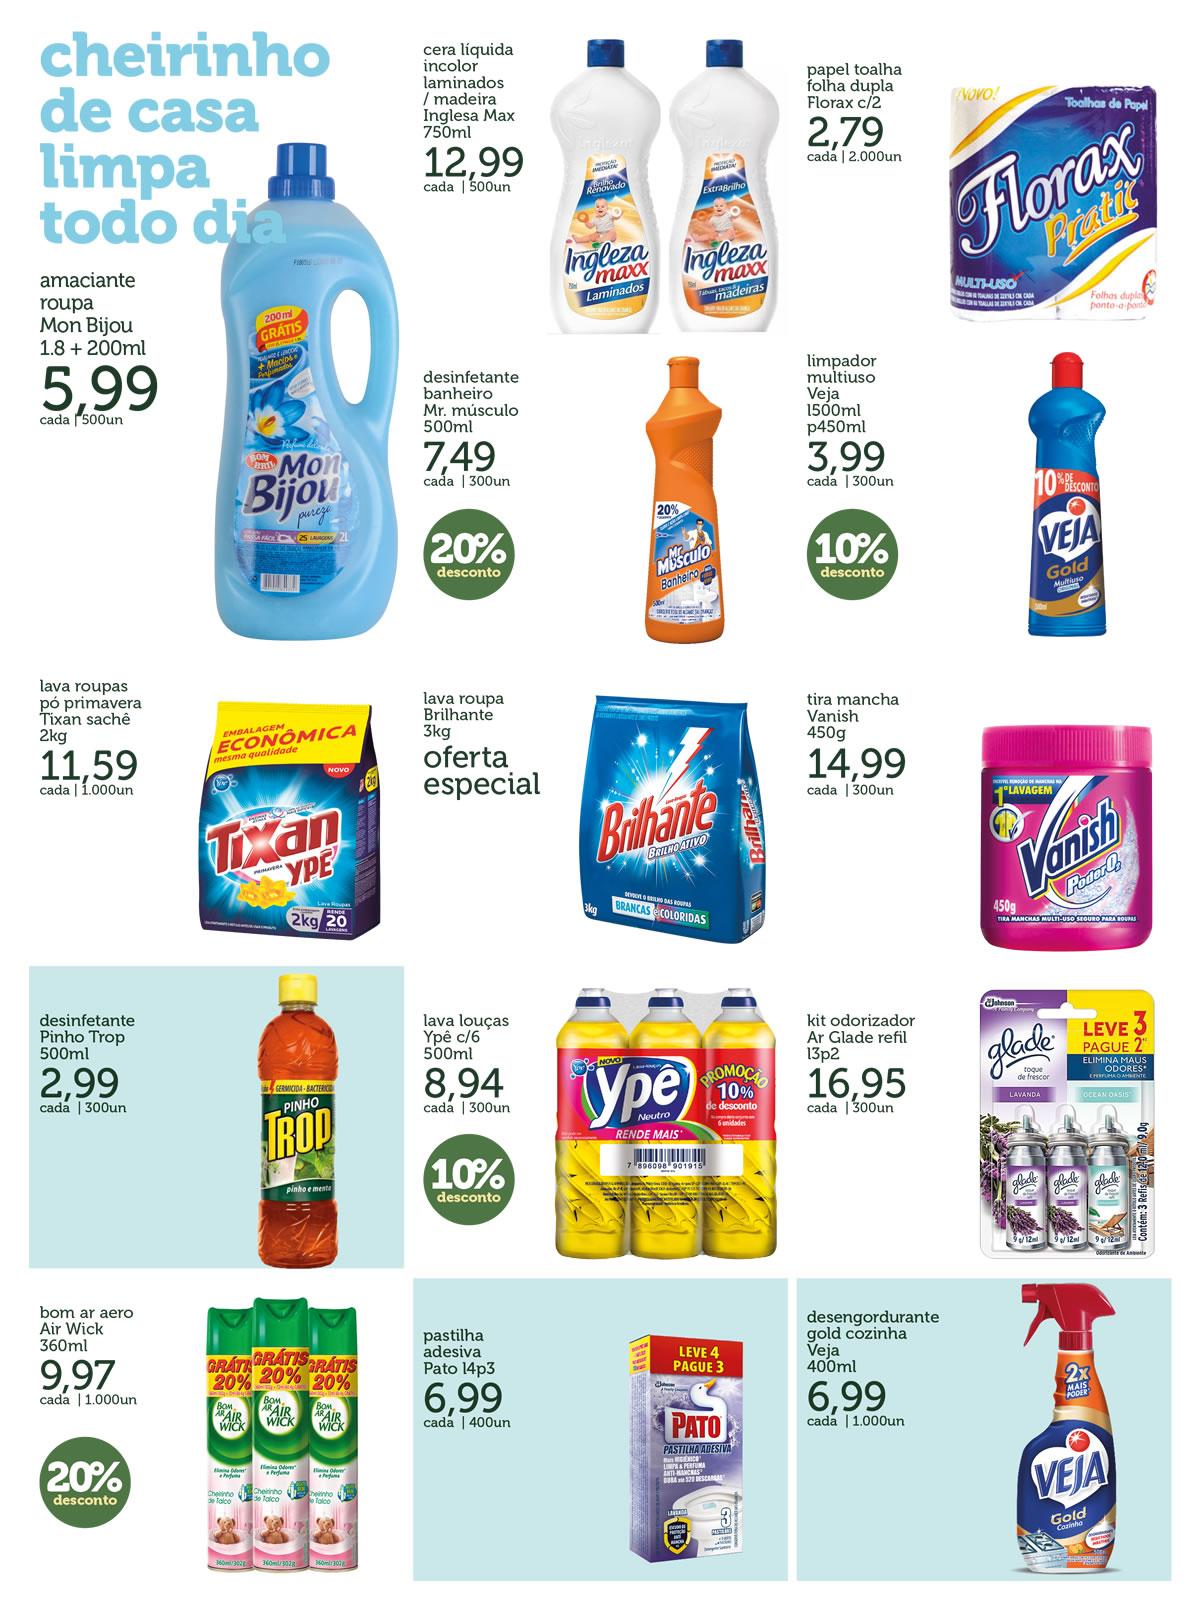 caita_supermercados_tabloide_junho2018_concordia17